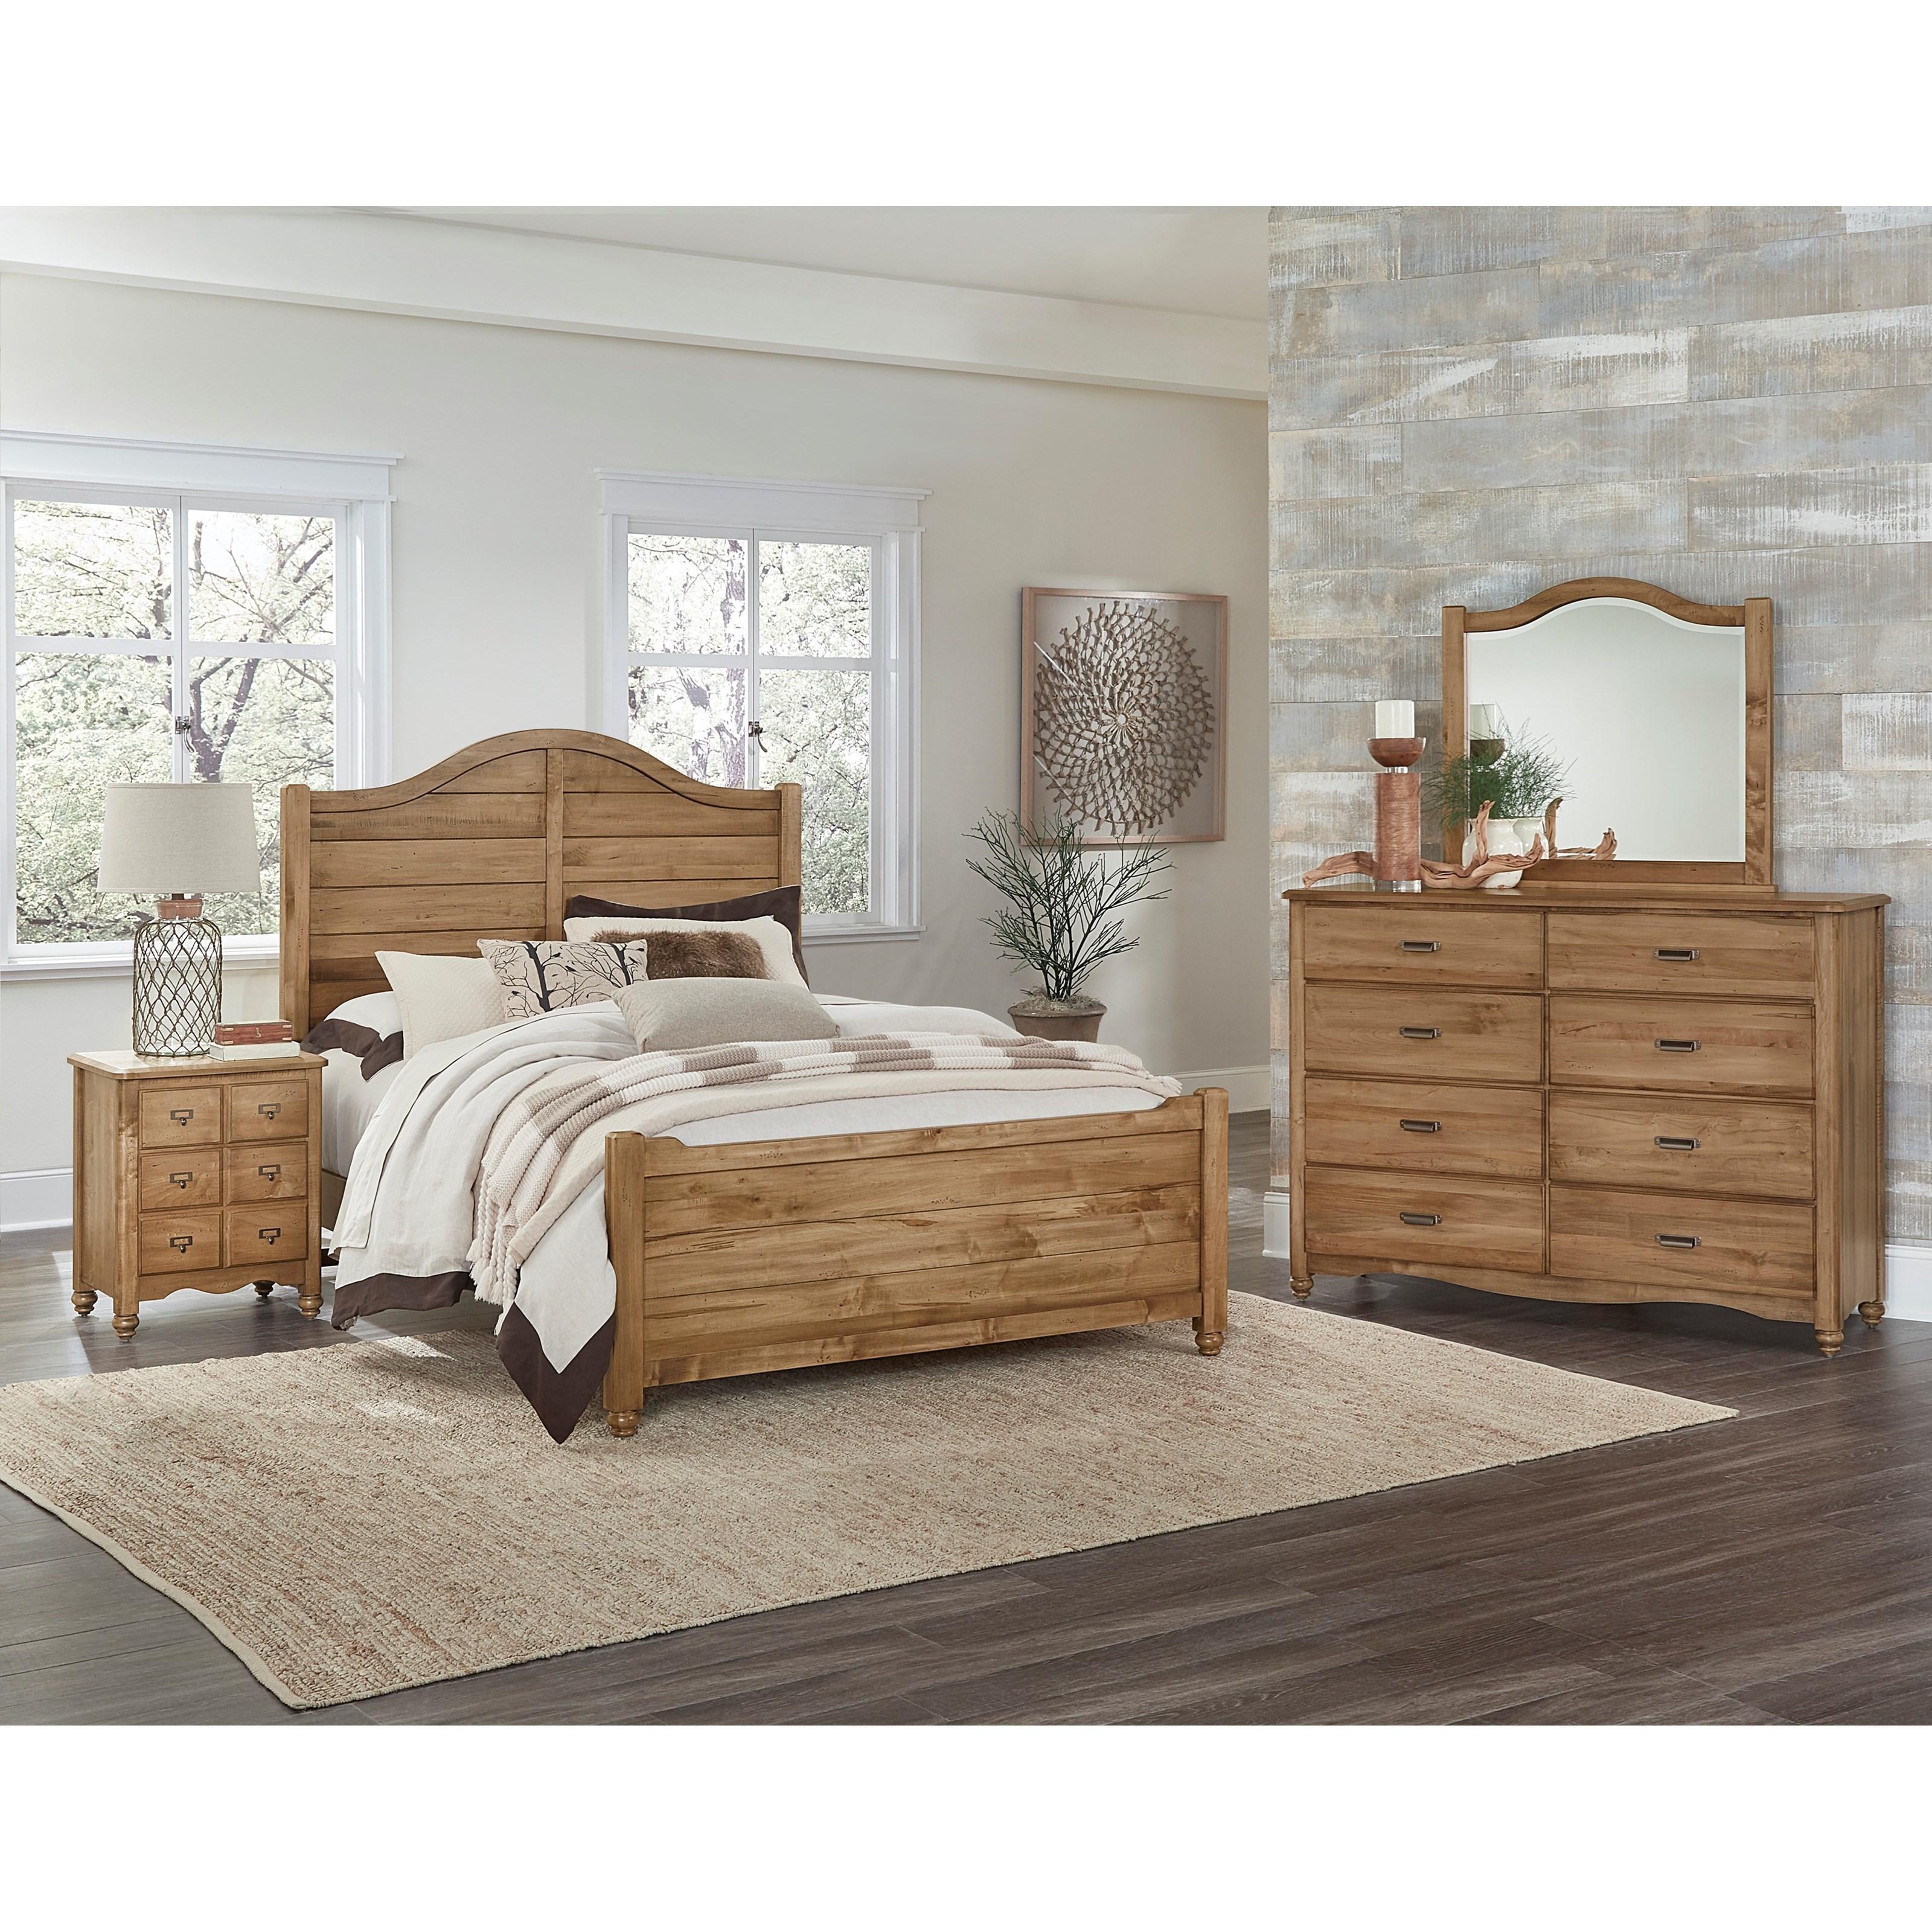 Vaughan Bassett American Maple Queen Bedroom Group